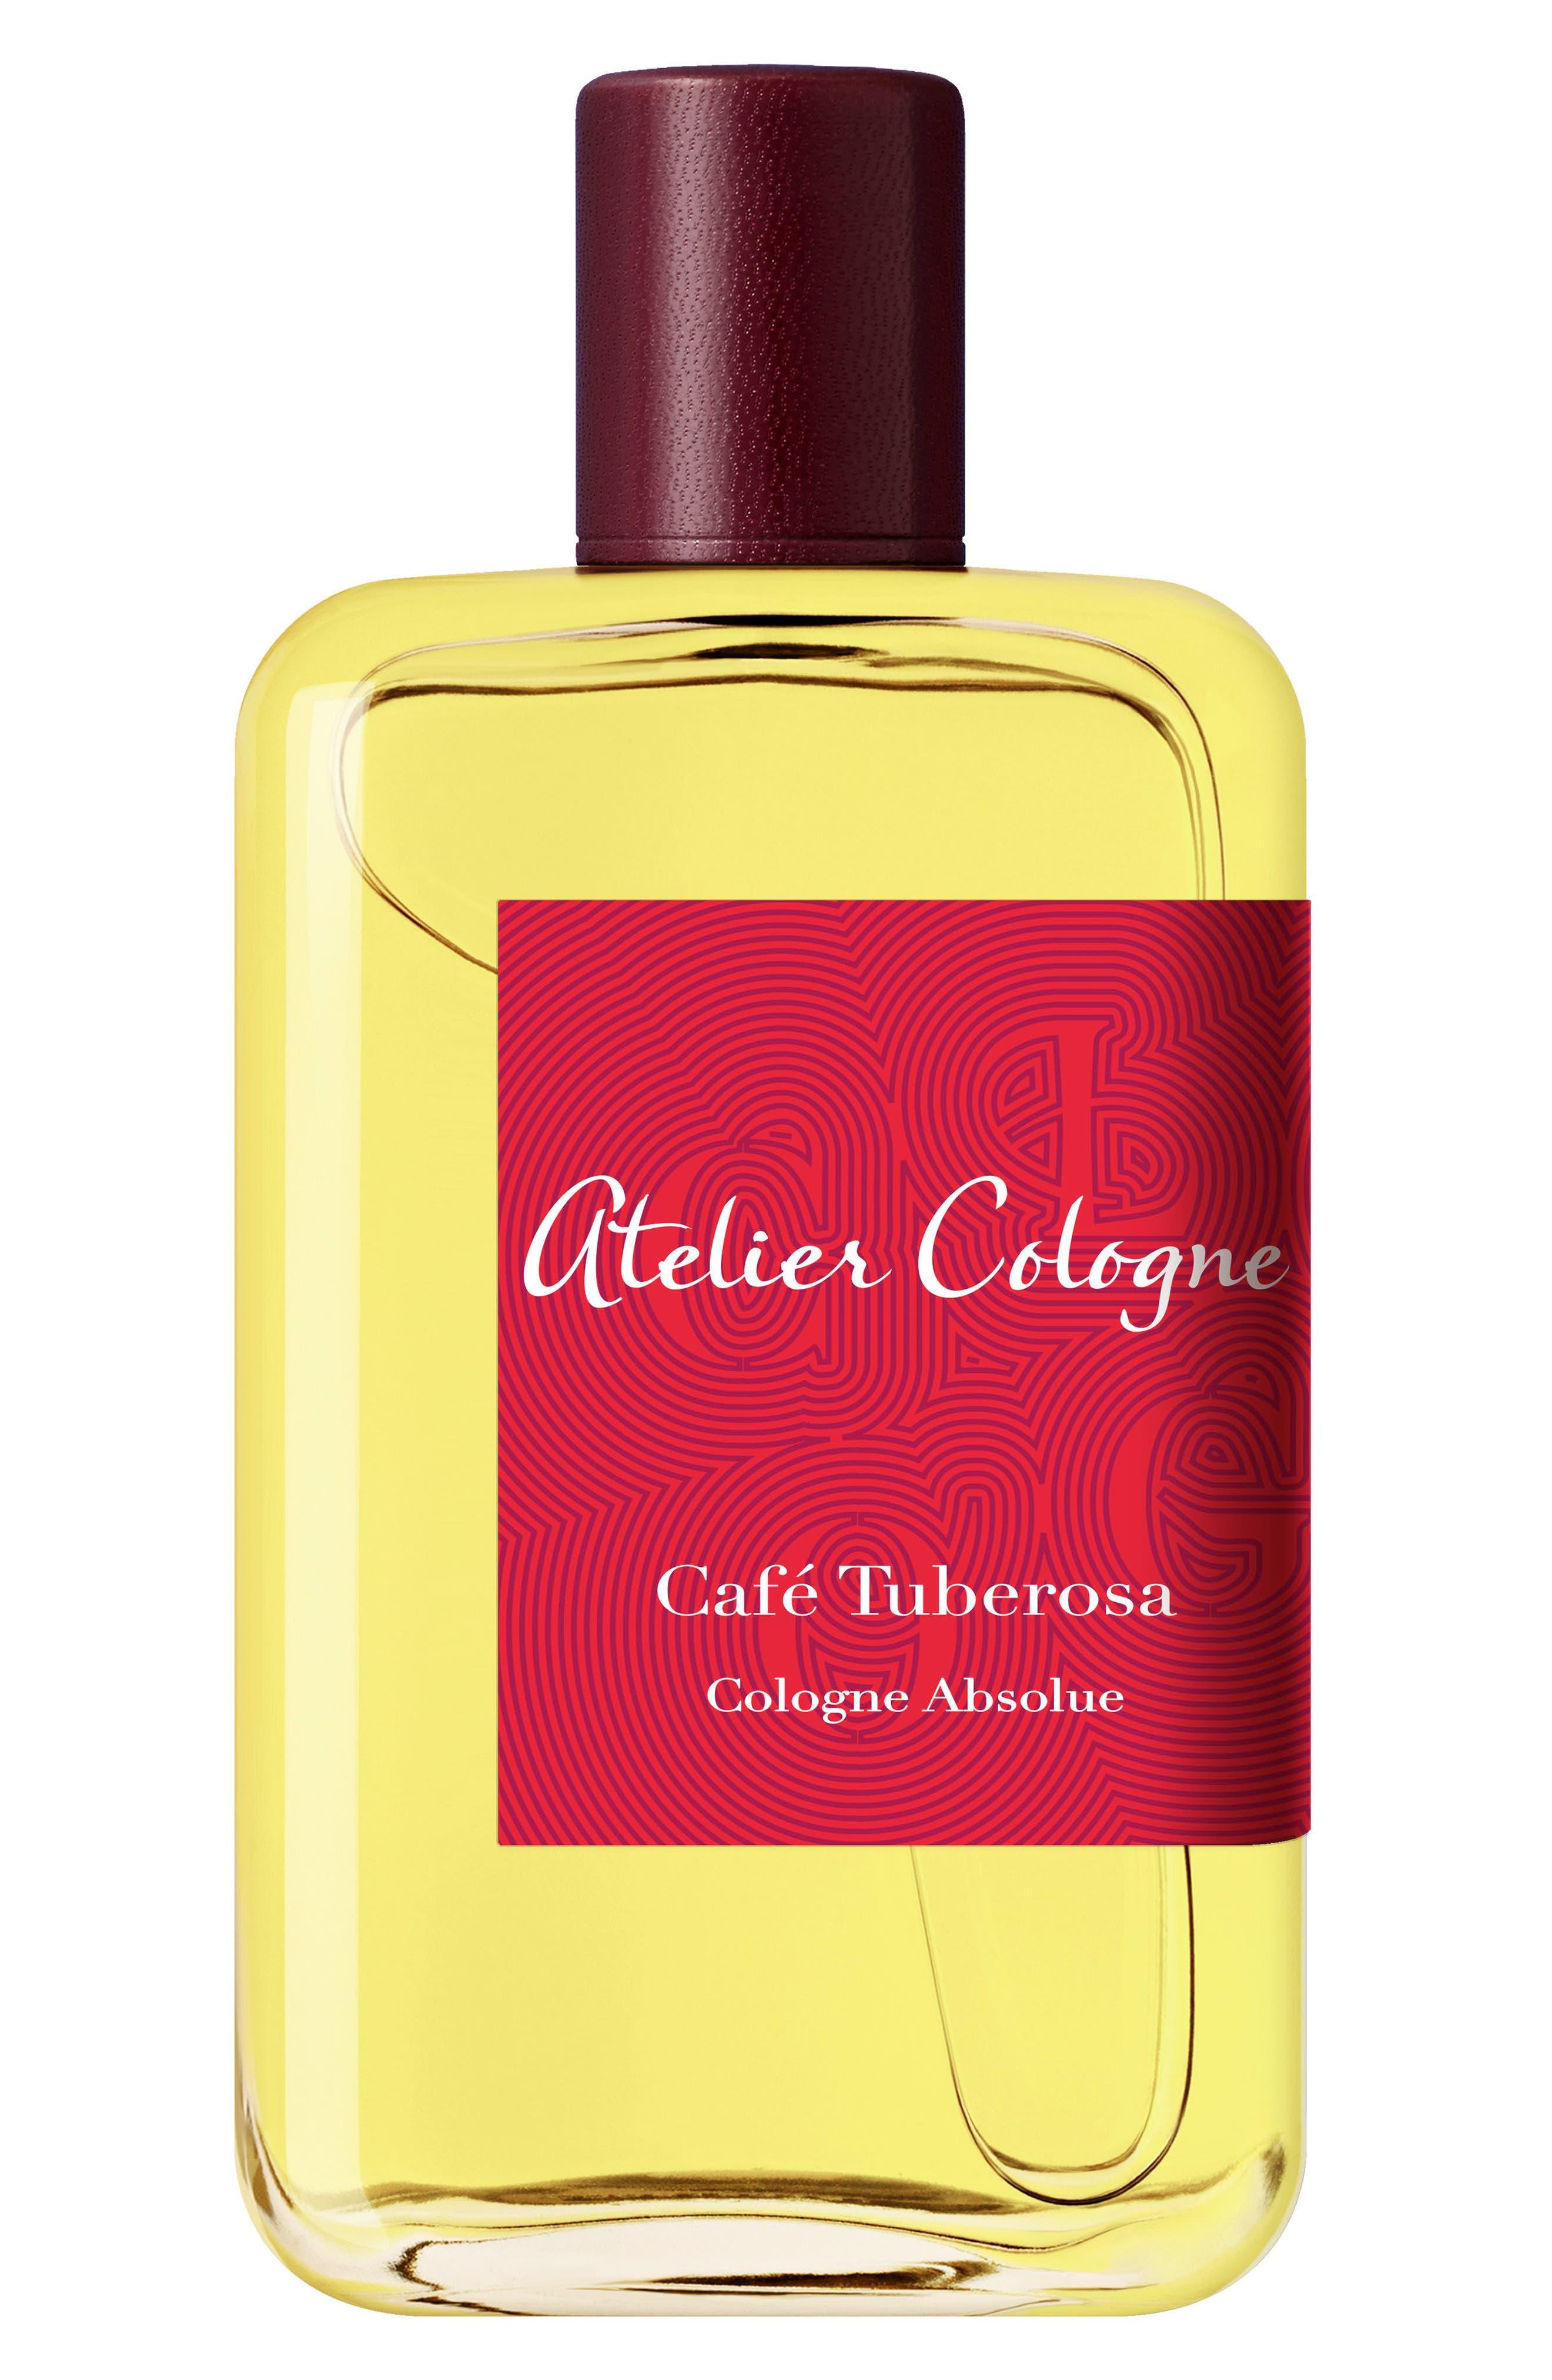 Atelier Cologne Café Tuberosa Cologne Absolue